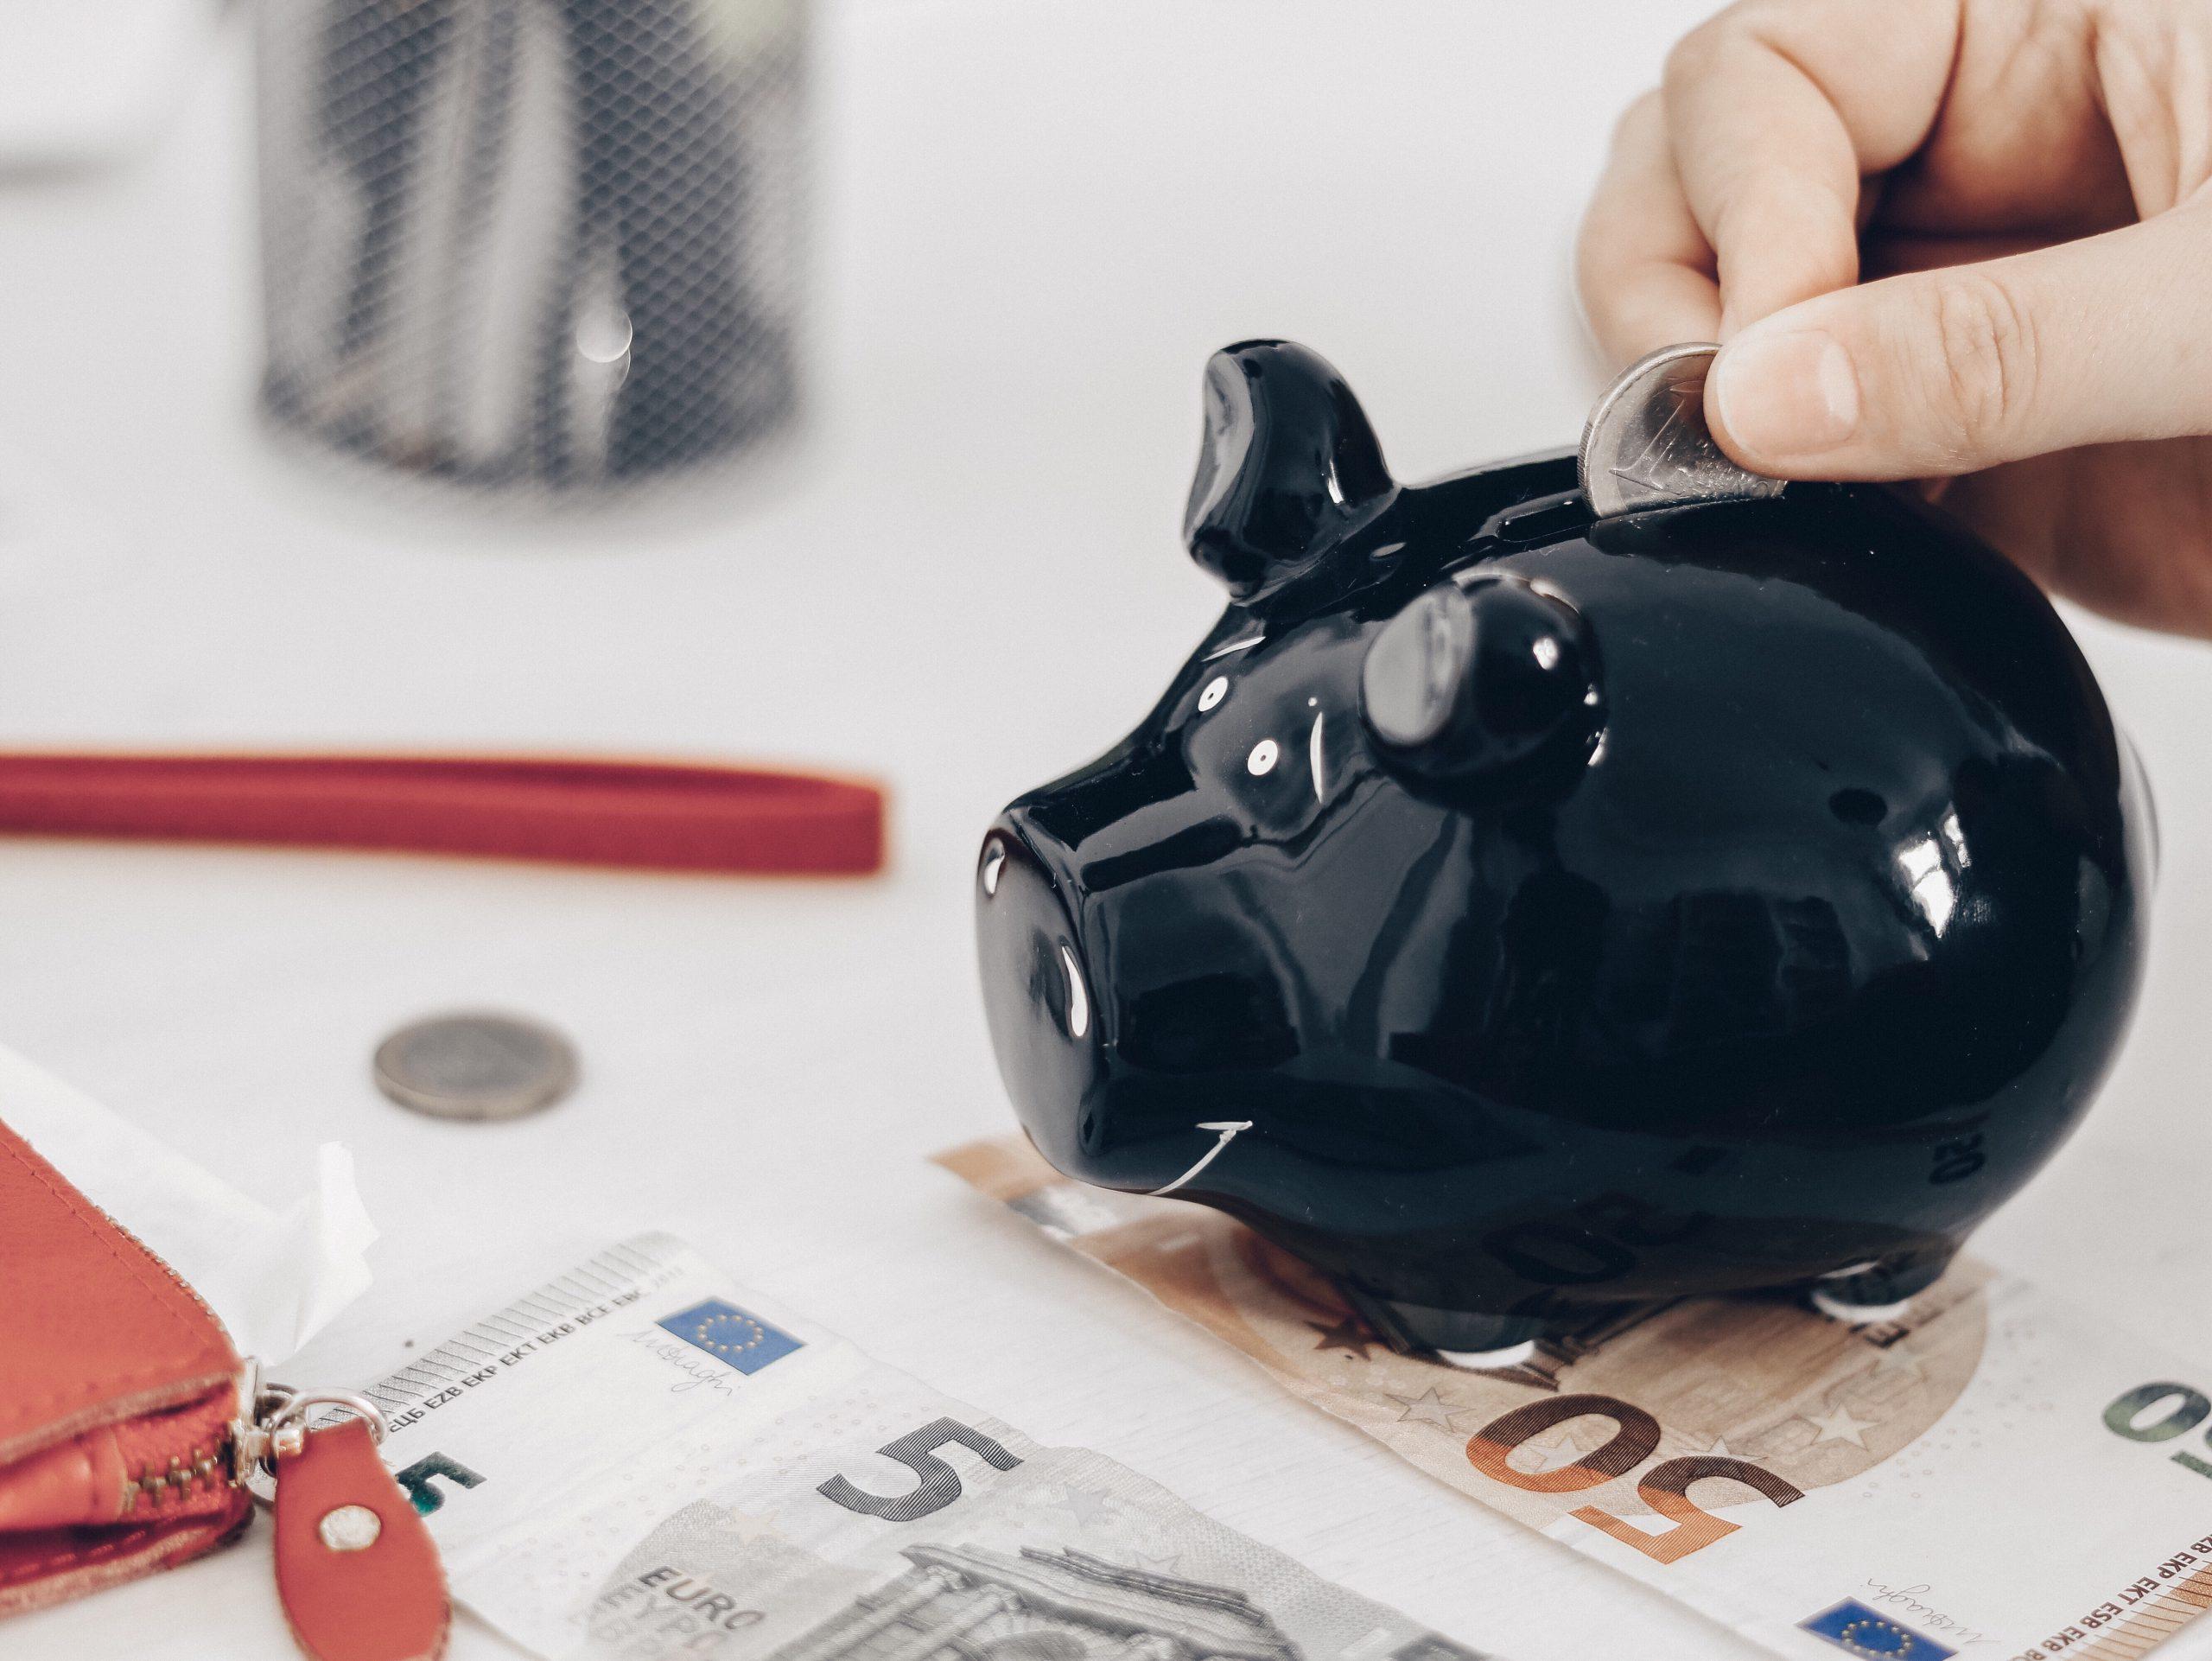 Investieren, sparsam leben & Frugalismus - Viele Möglichkeiten am Weg zur finanziellen Freiheit! Bild (c) : @evfoto via Twenty20